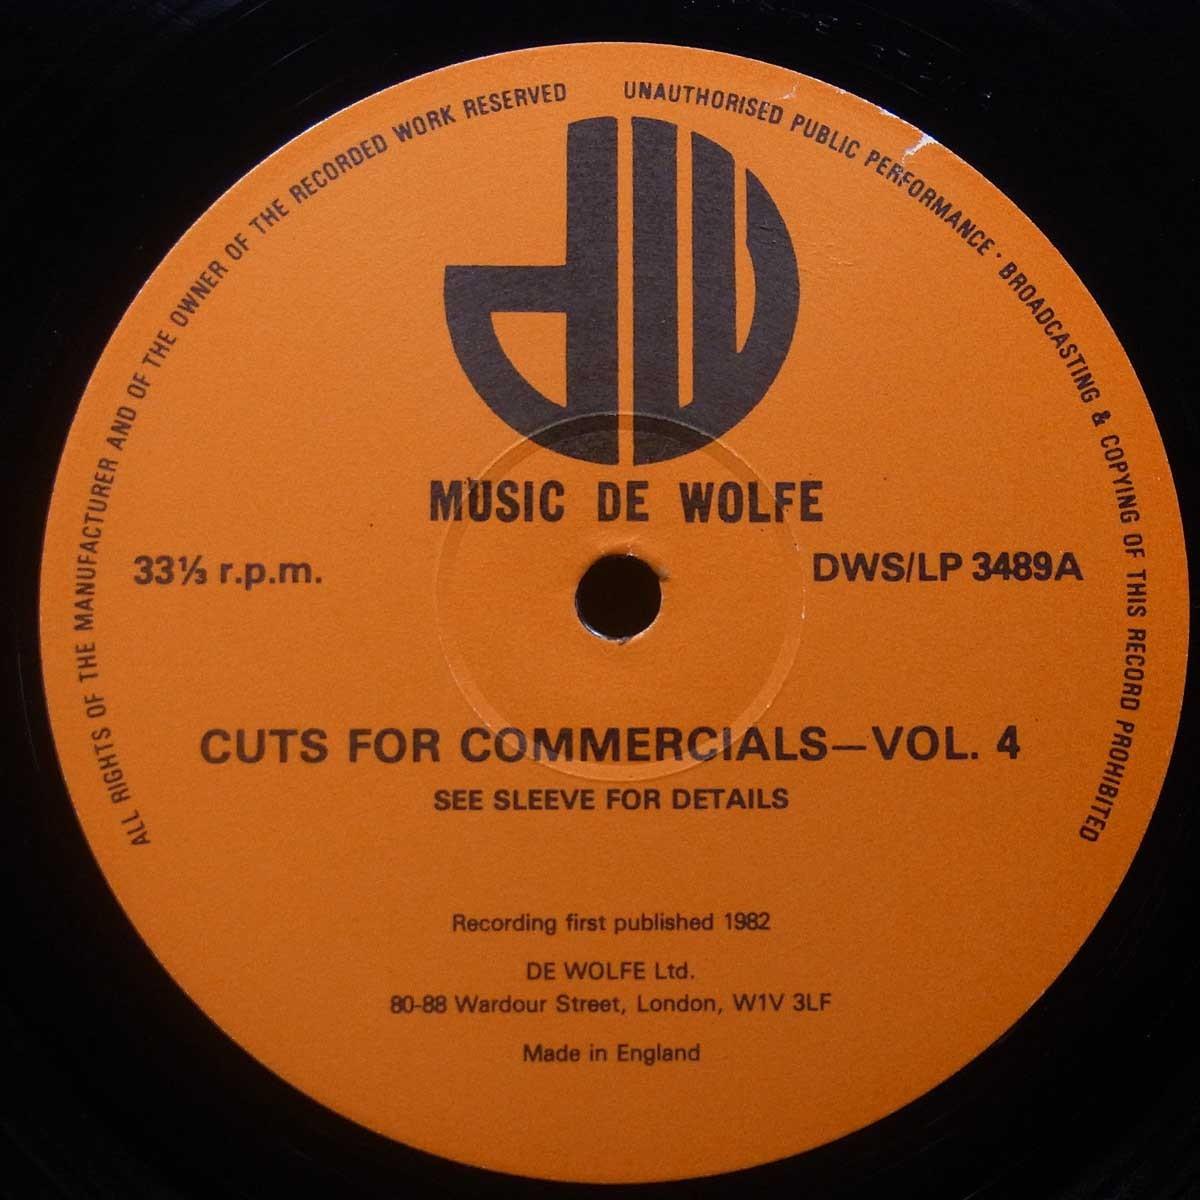 ◆激レア!市販無し!Soft Machineのクリスマス・ジングル収録!★Karl Jenkins/Mike Ratledge[Cuts For Commercials 4] UKオリジLP #58418_画像3